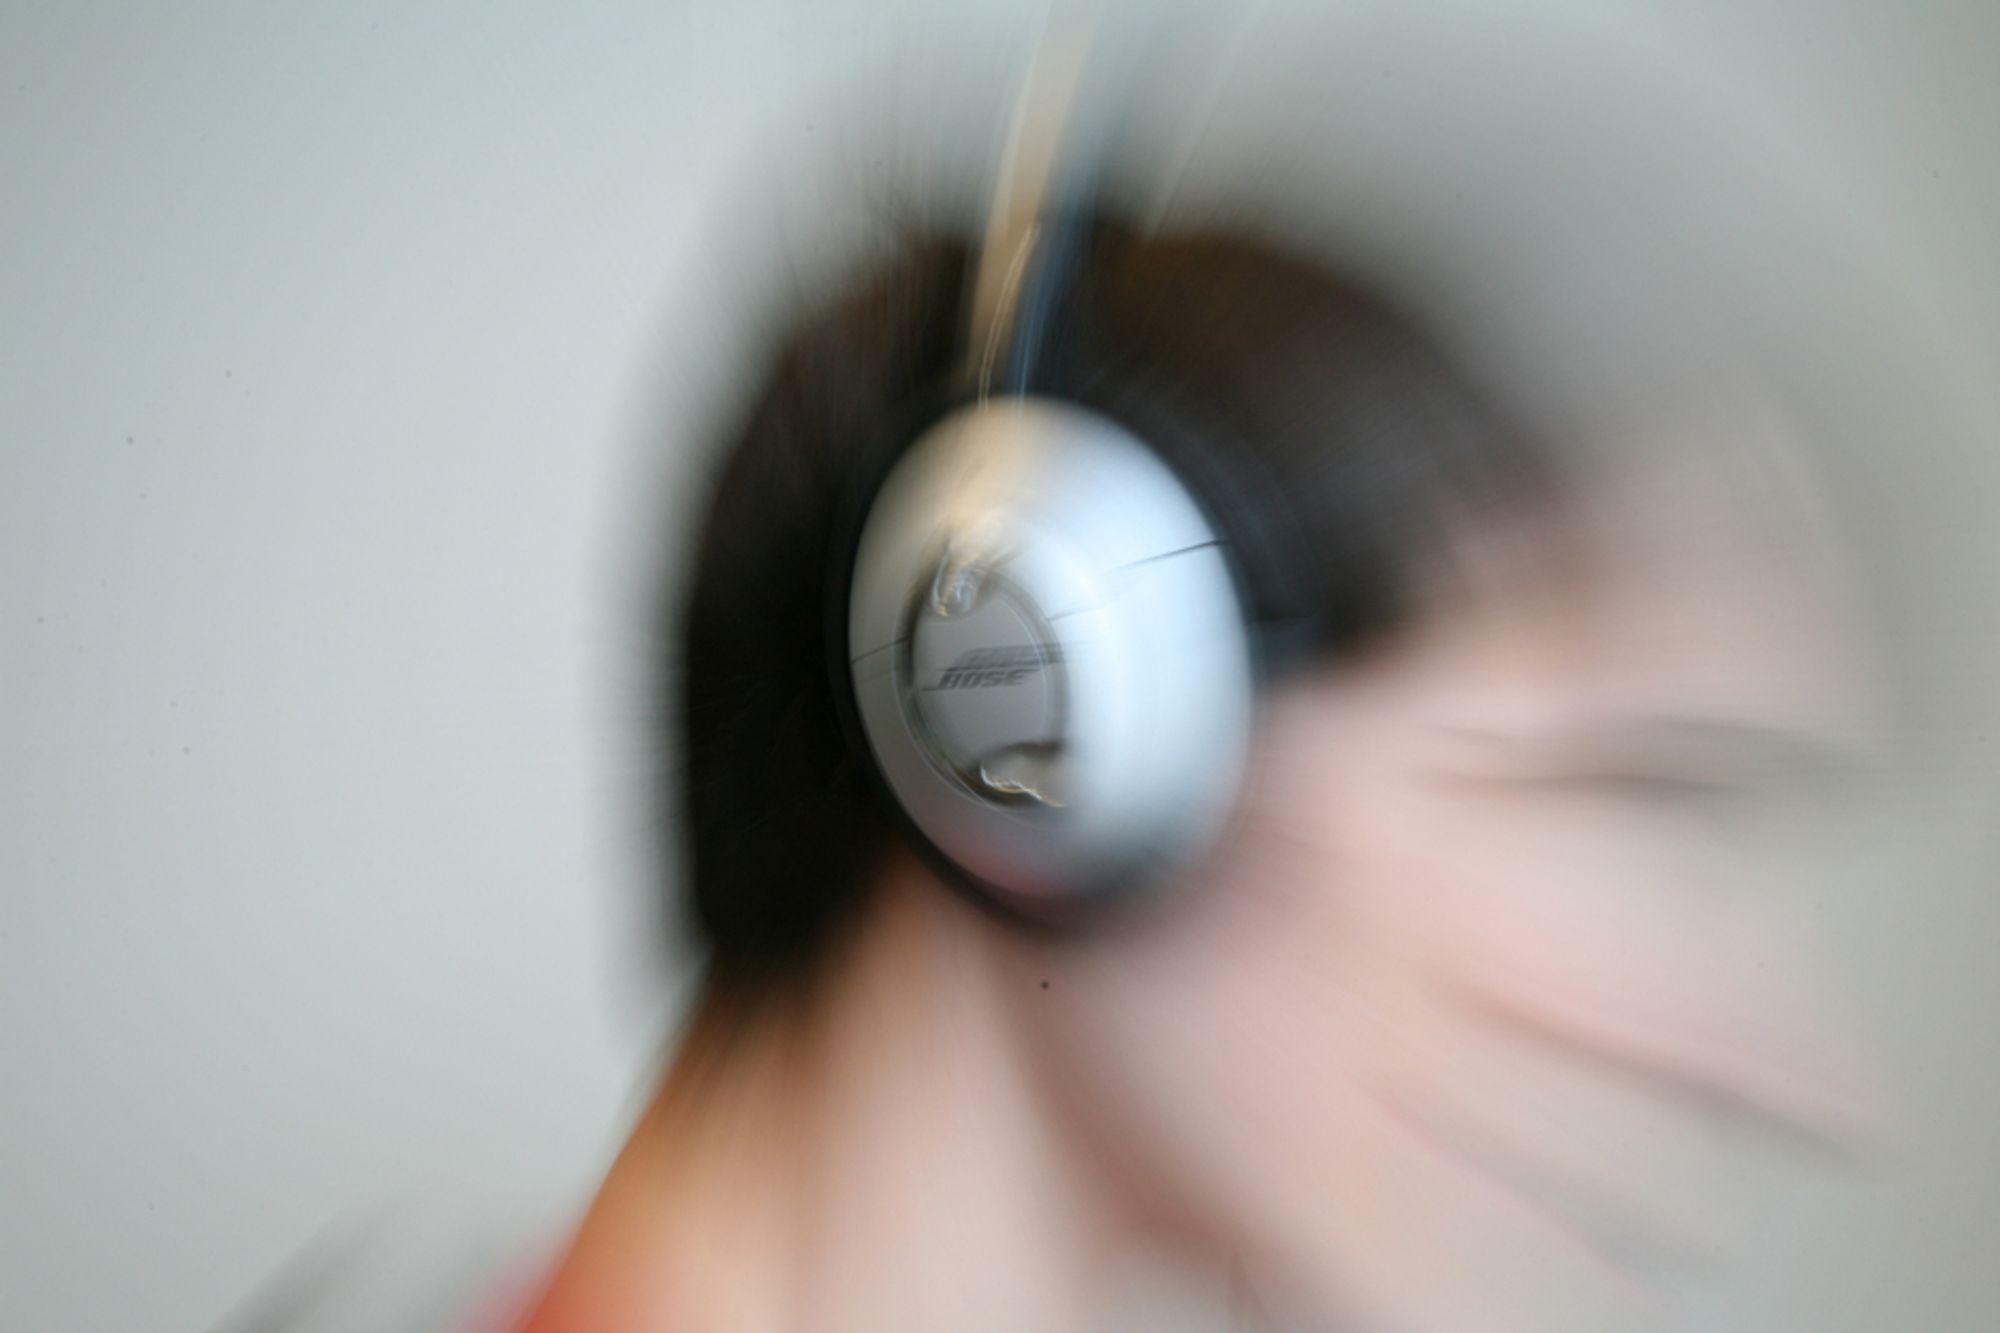 Høy lyd fra hodetelefoner kan gi varige hørselsskader. 10 millioner europeere står i fare, mener EU.